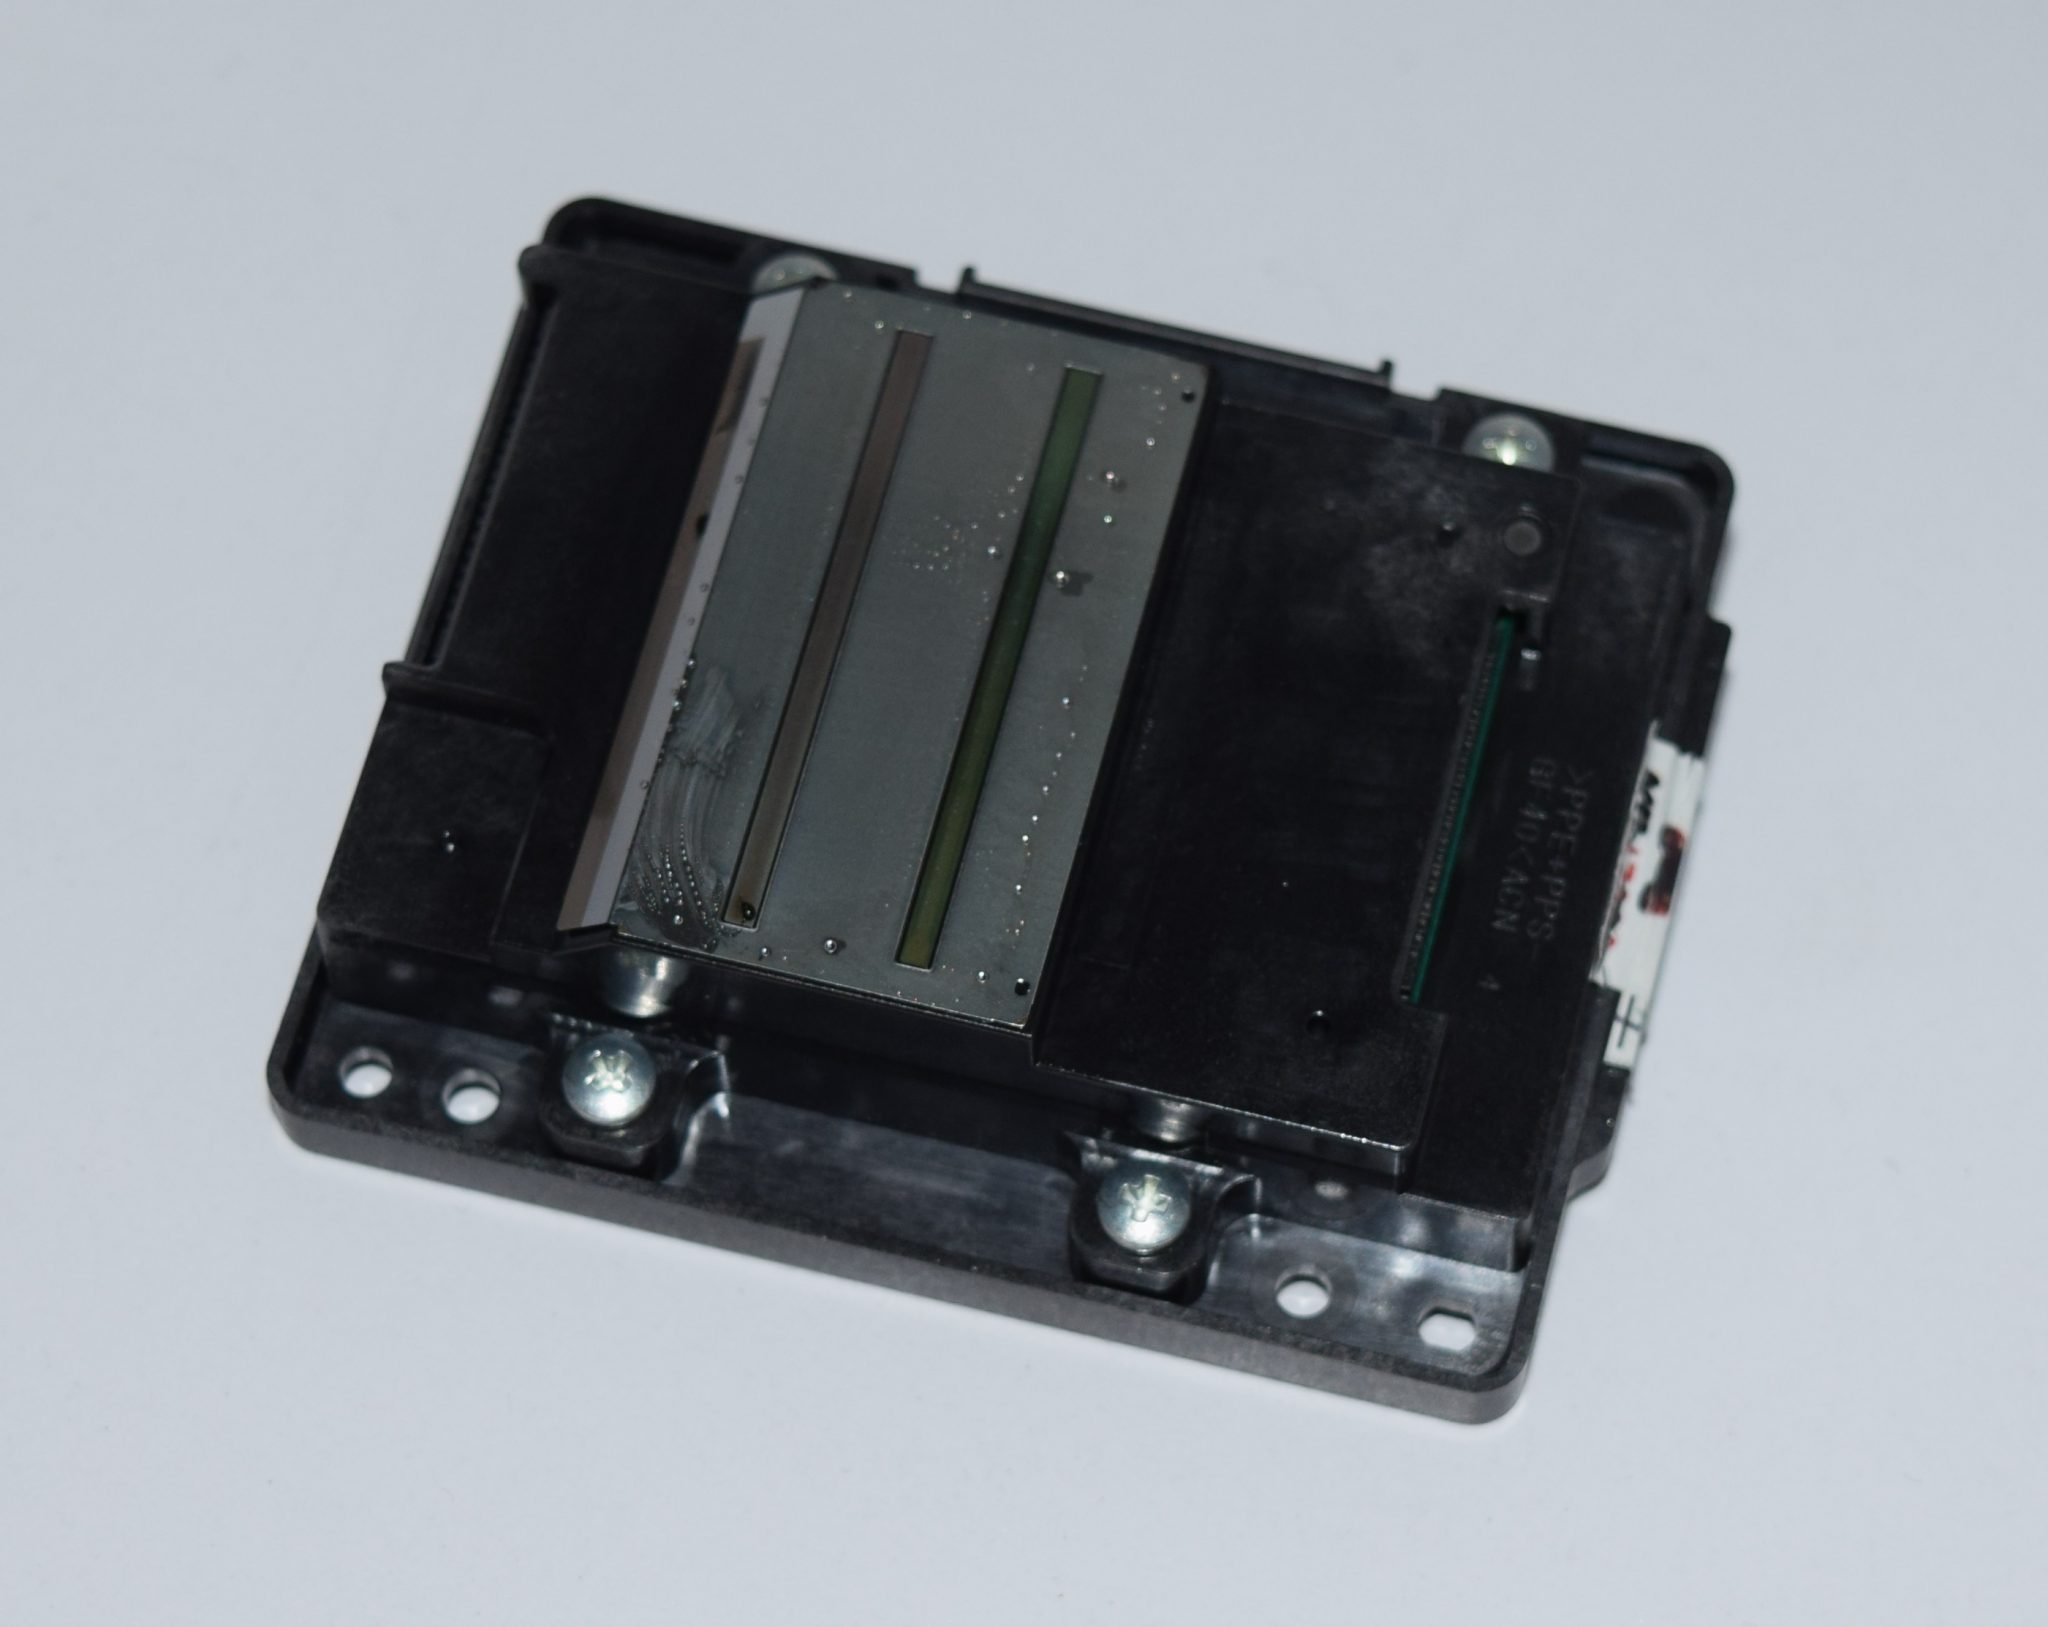 Cabezal de impresi/ón para WF-3620 WF-3621 WF-3640 WF-3641 WF-7110 WF-7111 WF-7610 WF-7611 WF-7620 WF-7621 L1455 Adanse